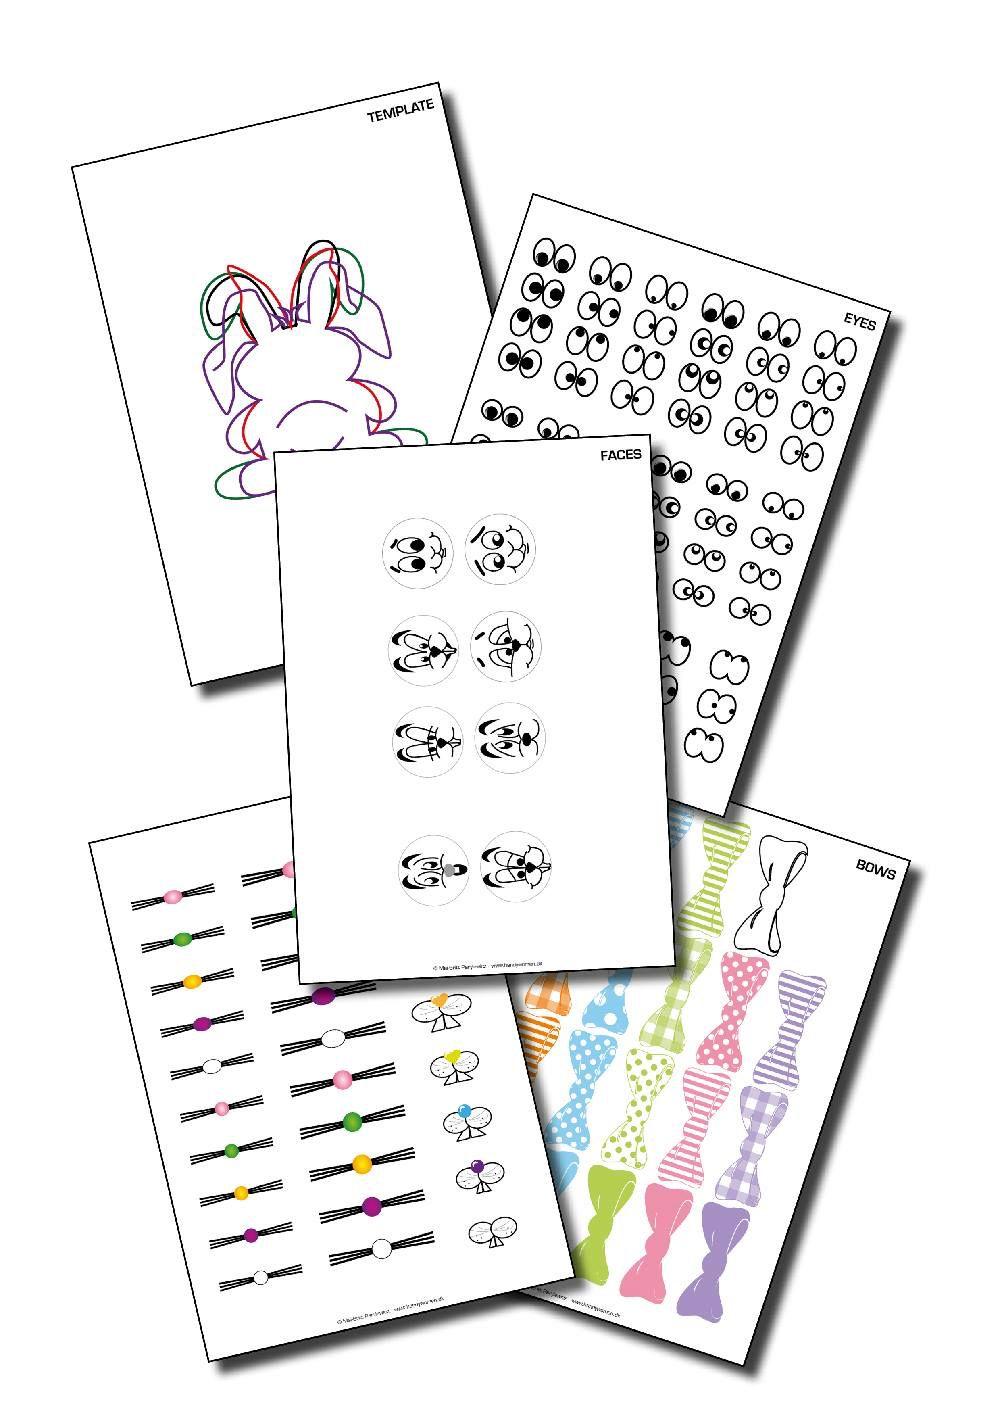 E-bogen pynt i papir og pap - påskelige påfund.   #parylewiczdesign #påskepynt #påskehare #sjovtforbørn #hyggeligfritid